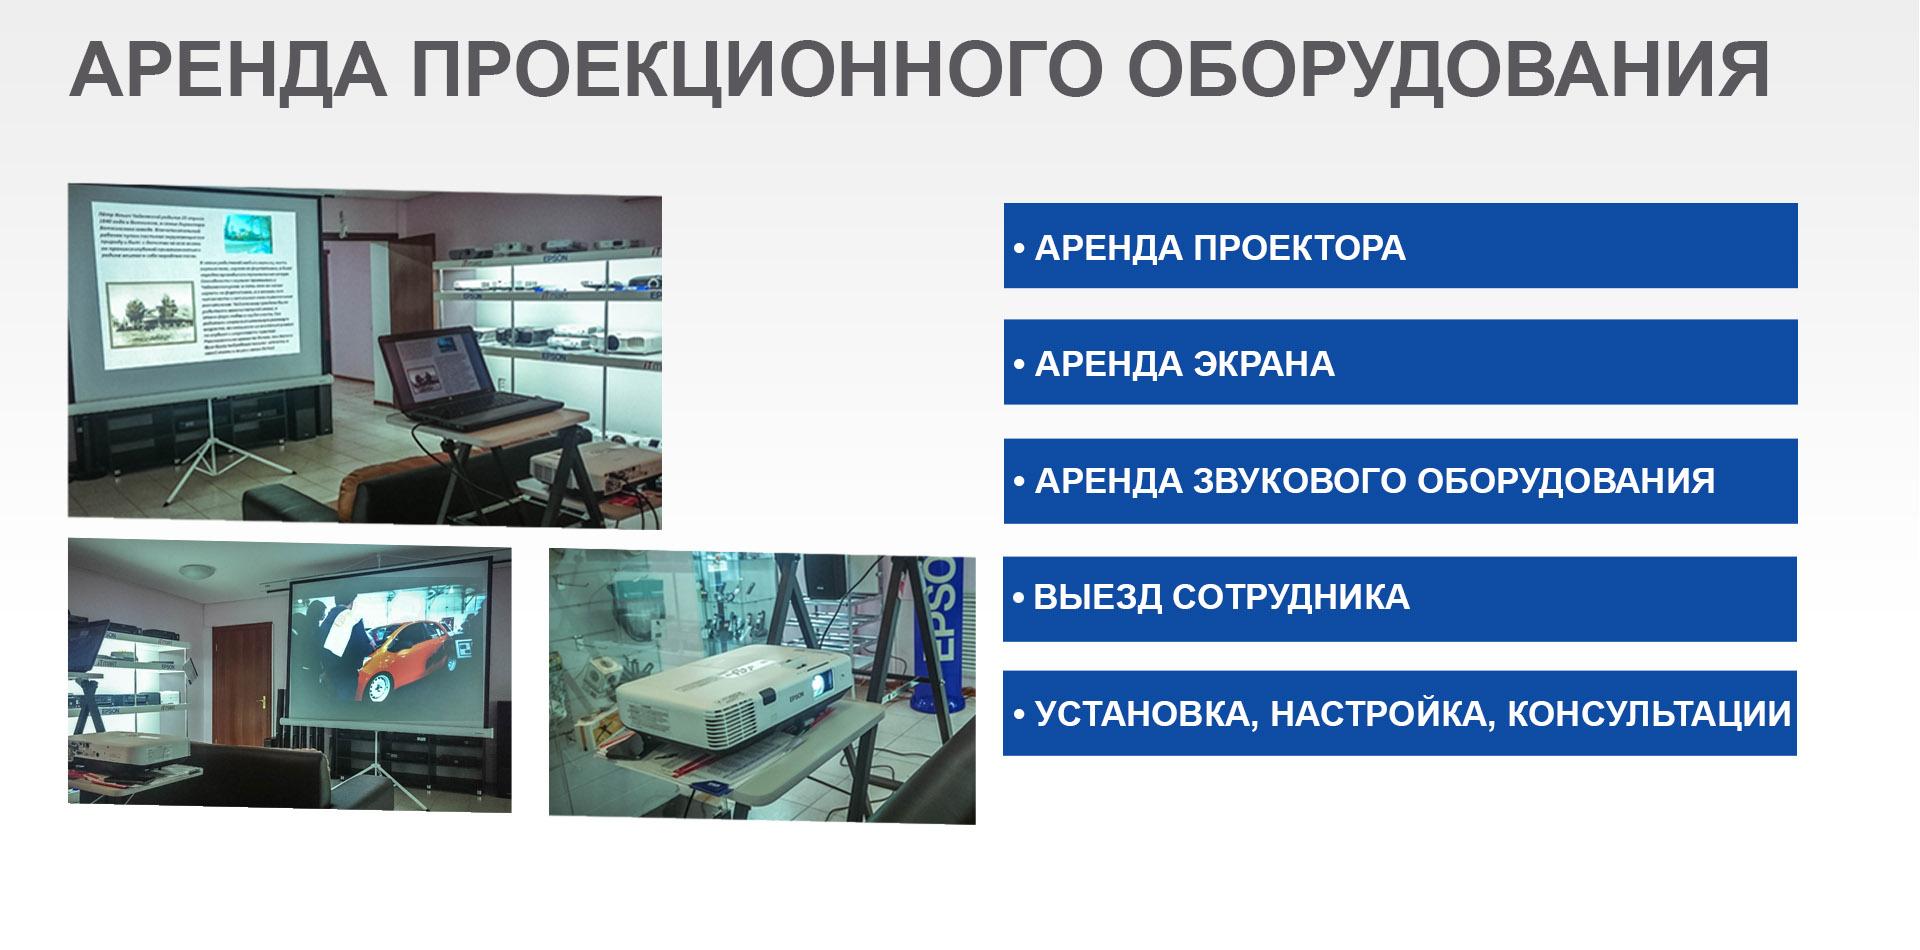 АРЕНДА ОБОРУДОВАНИЯ В АСТАНЕ.